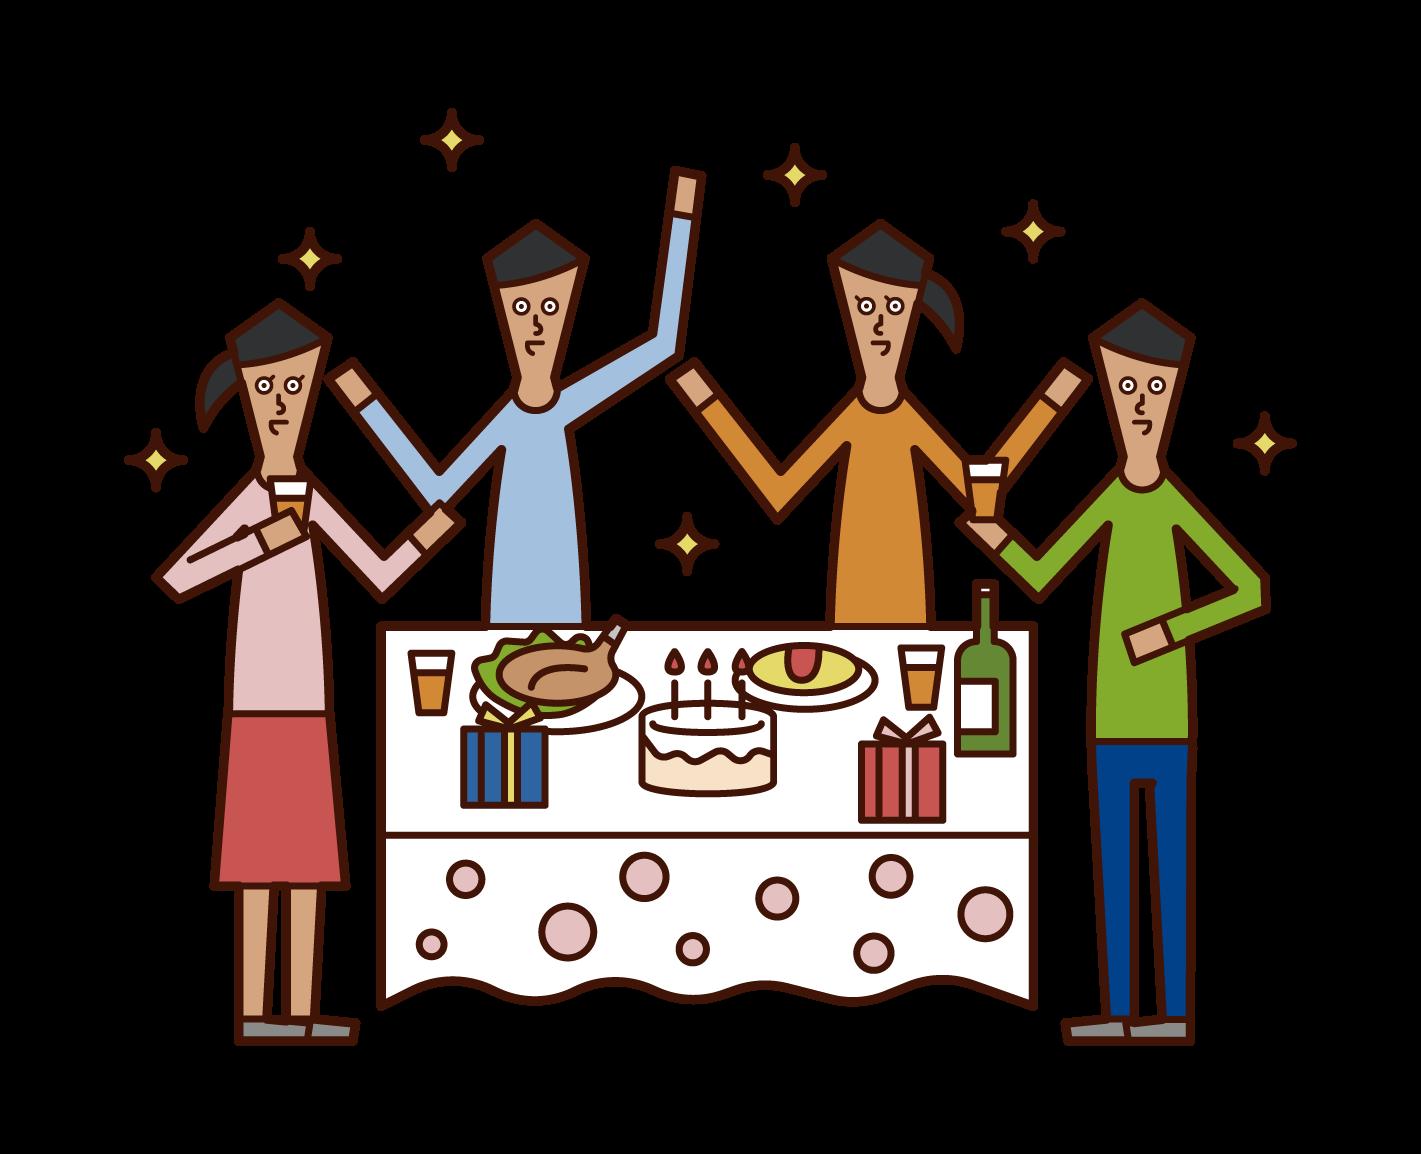 パーティーを楽しむ子供たちのイラスト